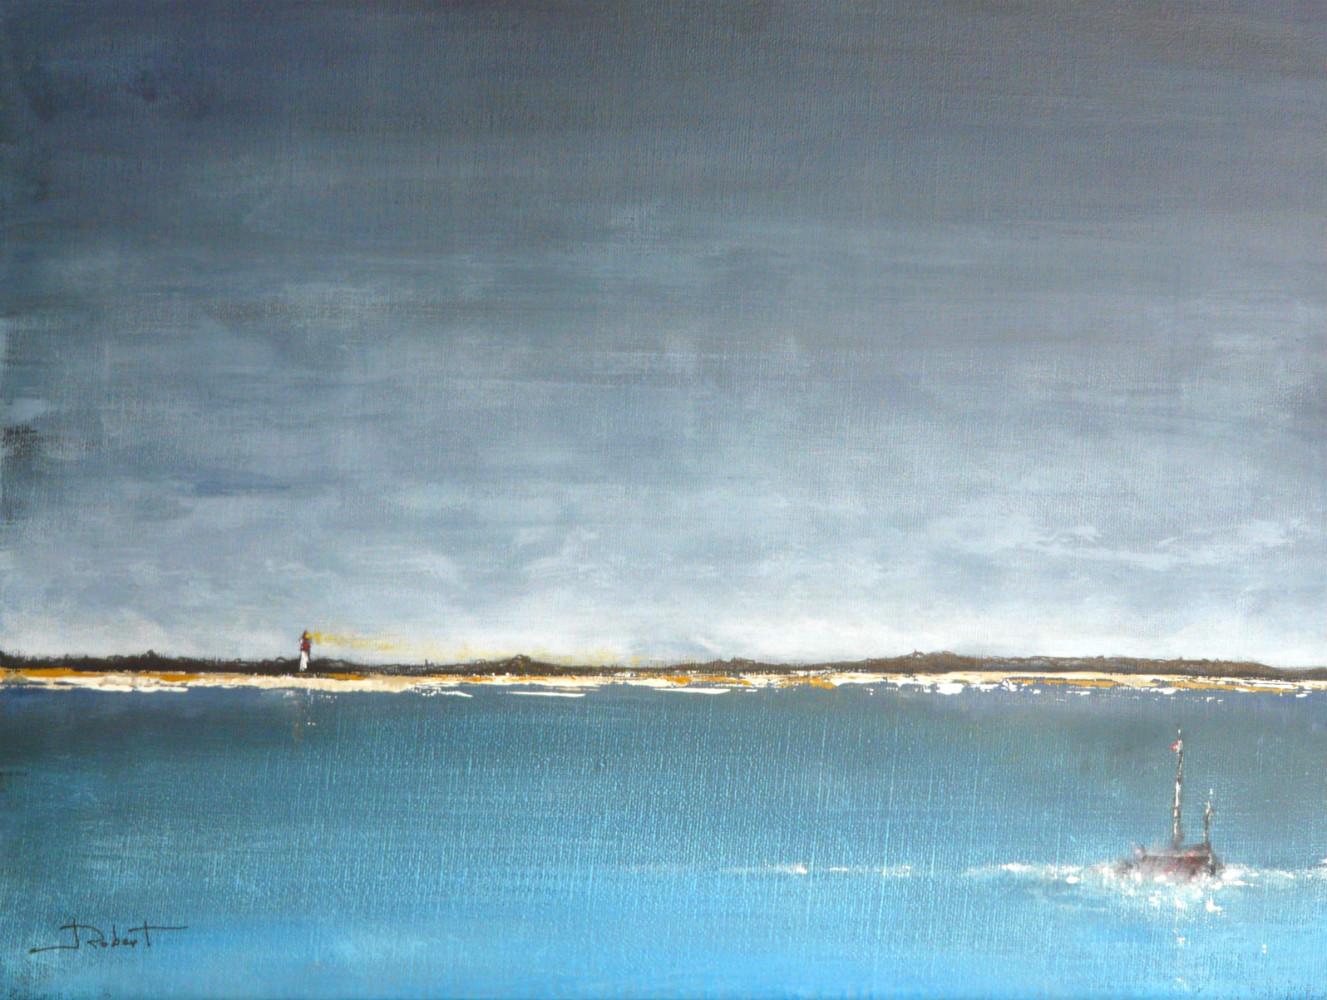 Le phare - acrylique sur toile 33x24 cm